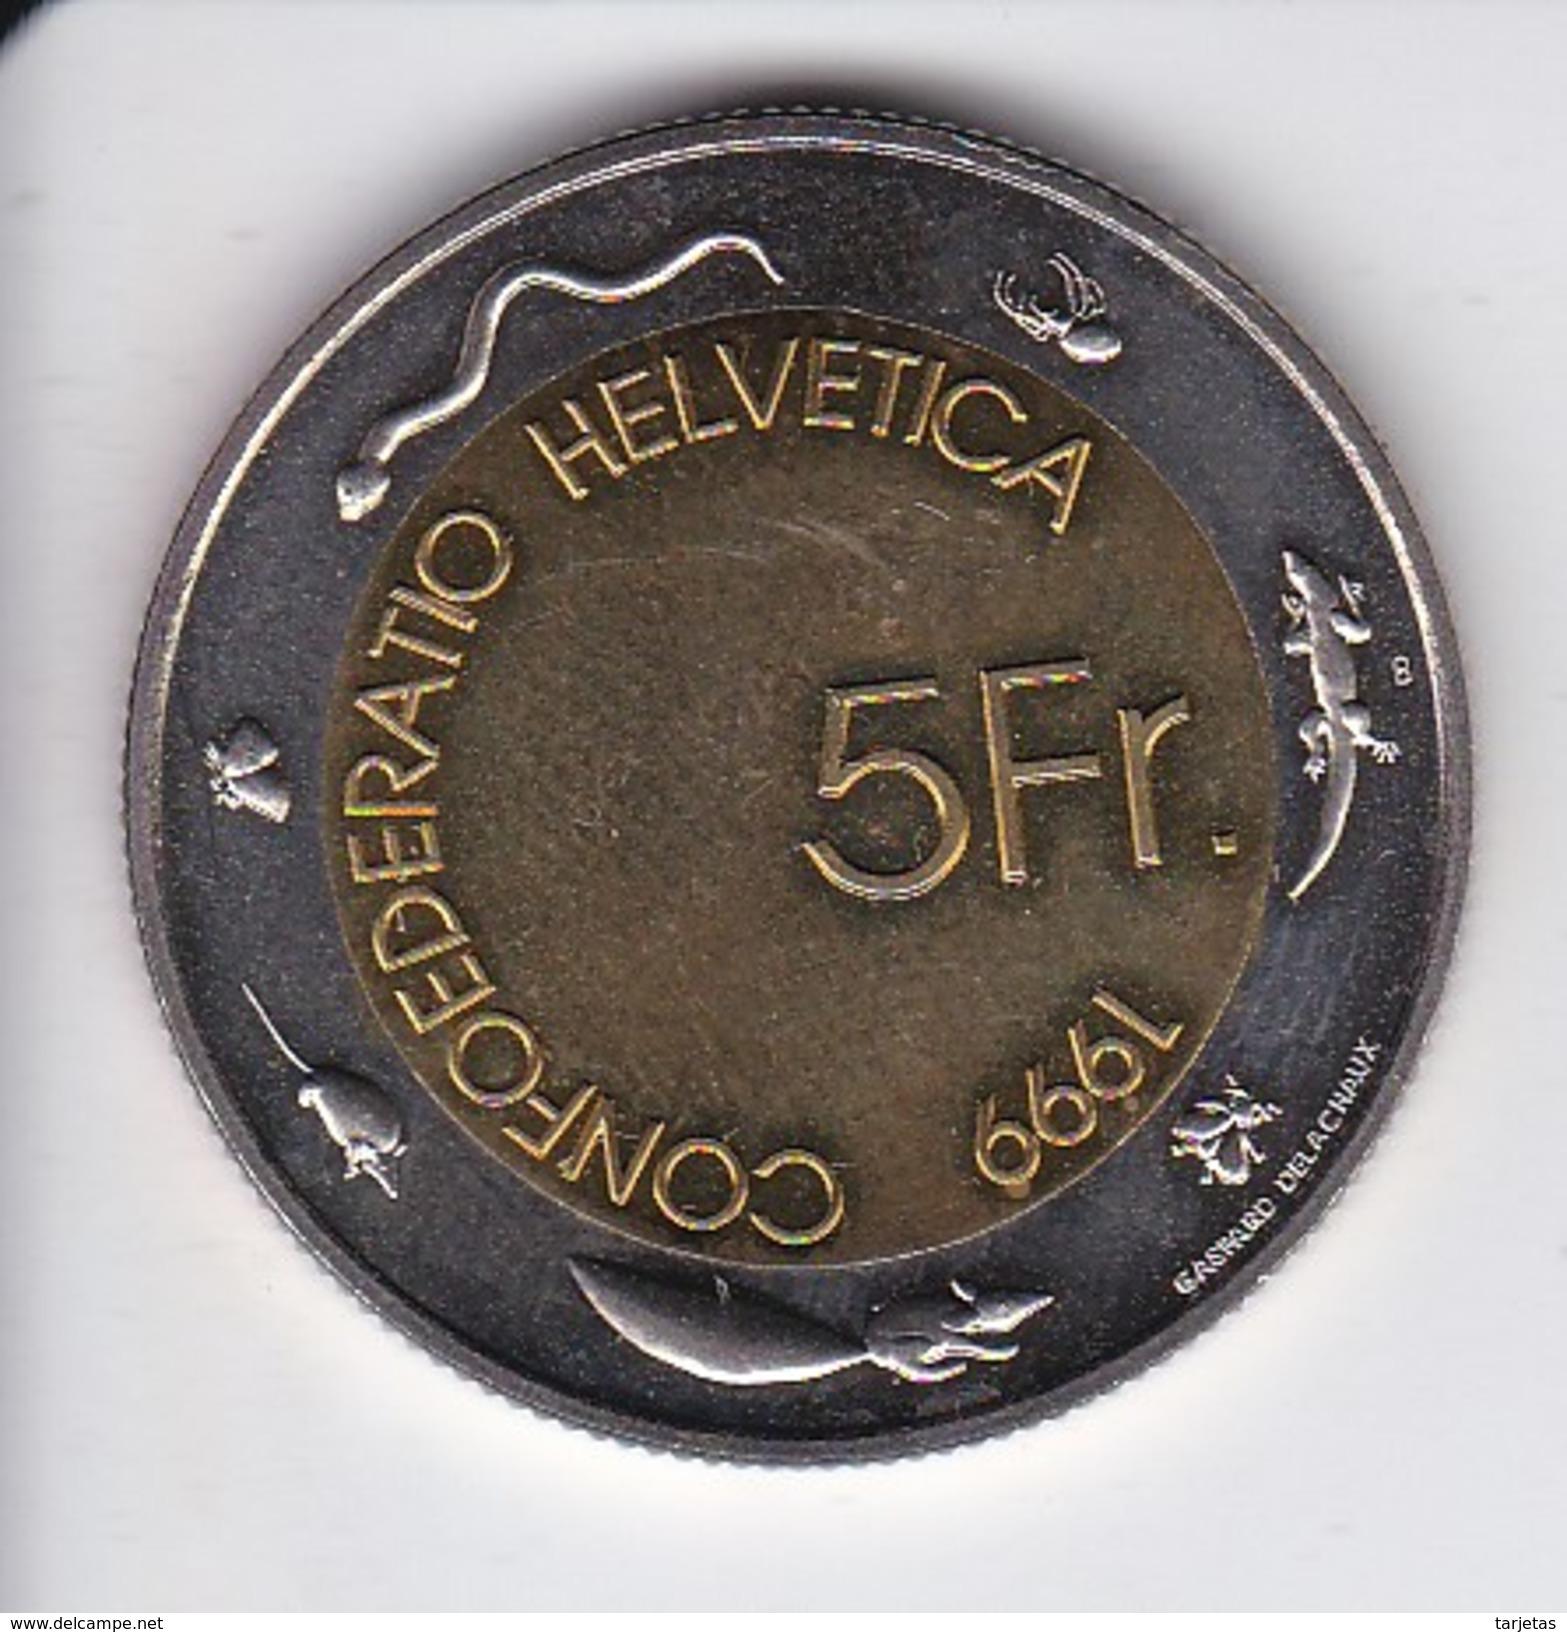 MONEDA DE SUIZA DE 5 FRANCS FIESTA DE LOS VENDIMIADORES DEL AÑO 1999 (COIN) BIMETALICA - Suiza